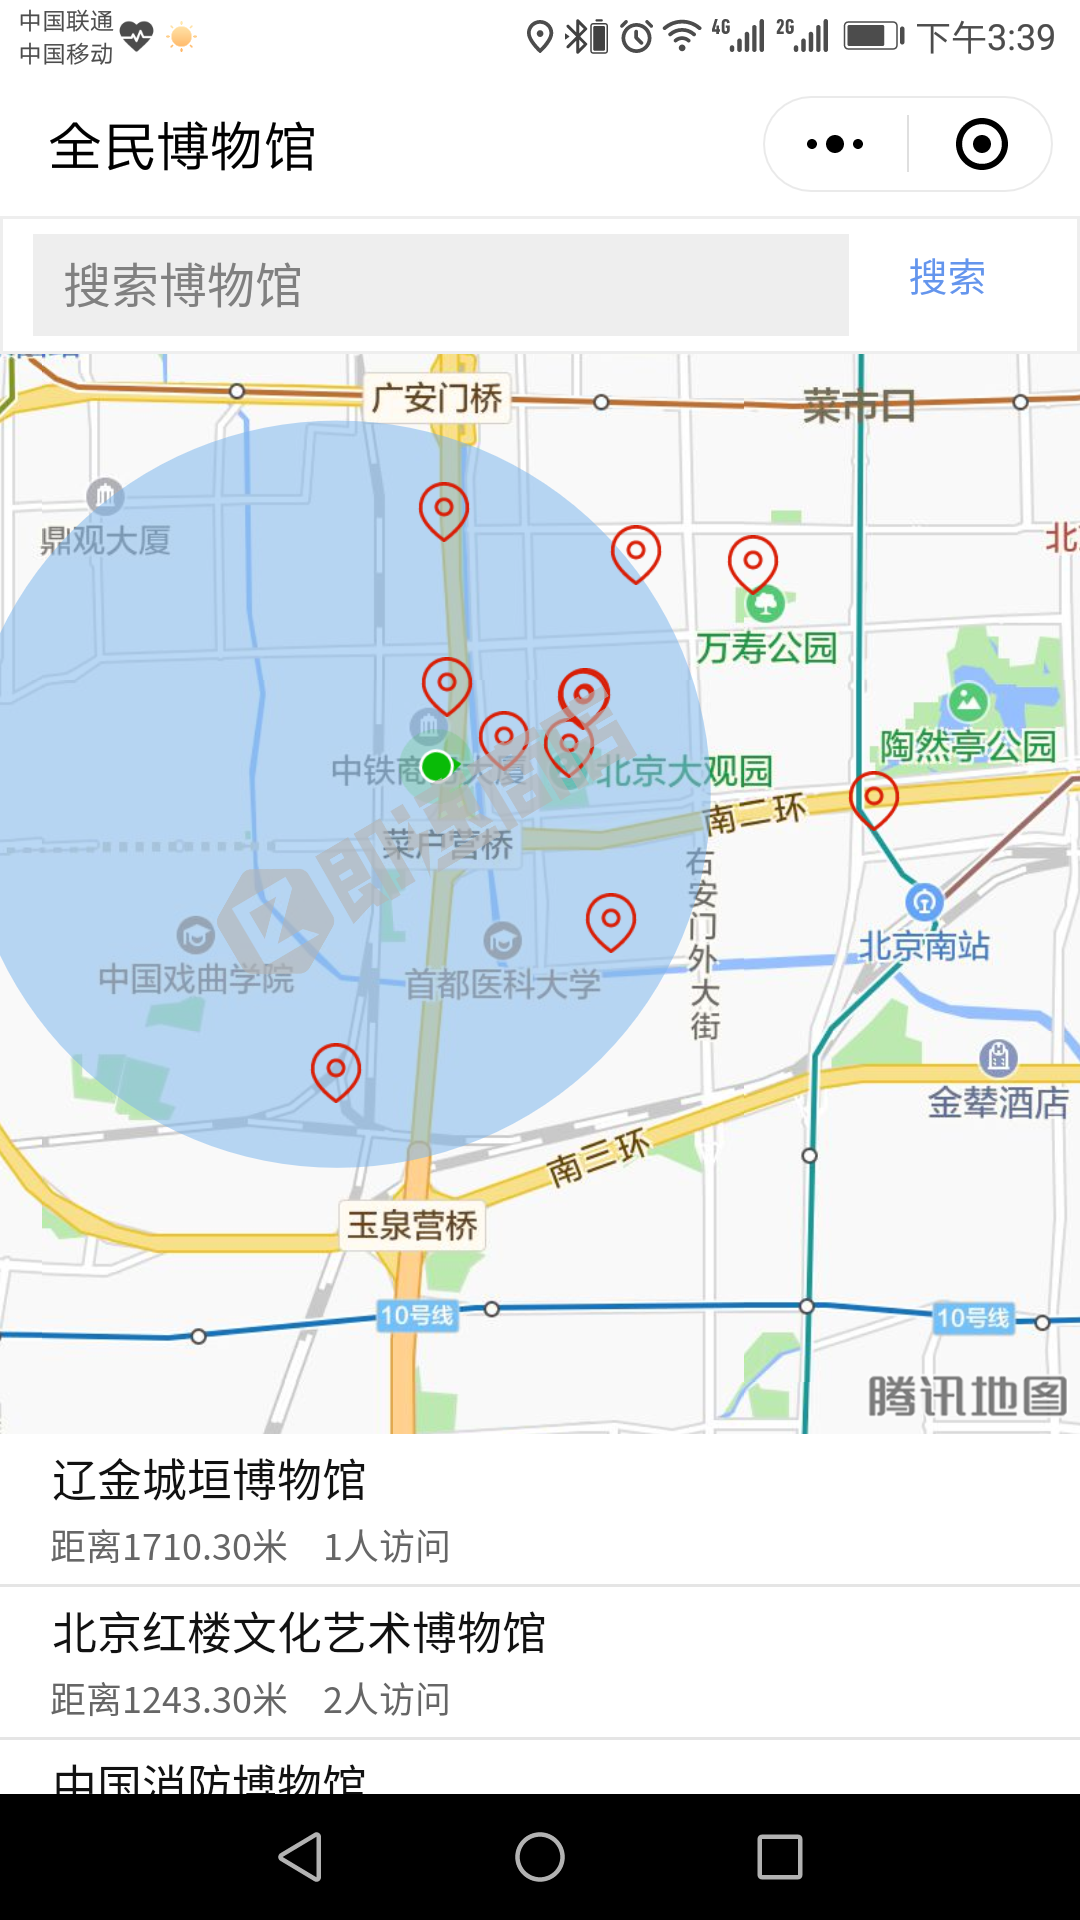 博物馆地图小程序详情页截图